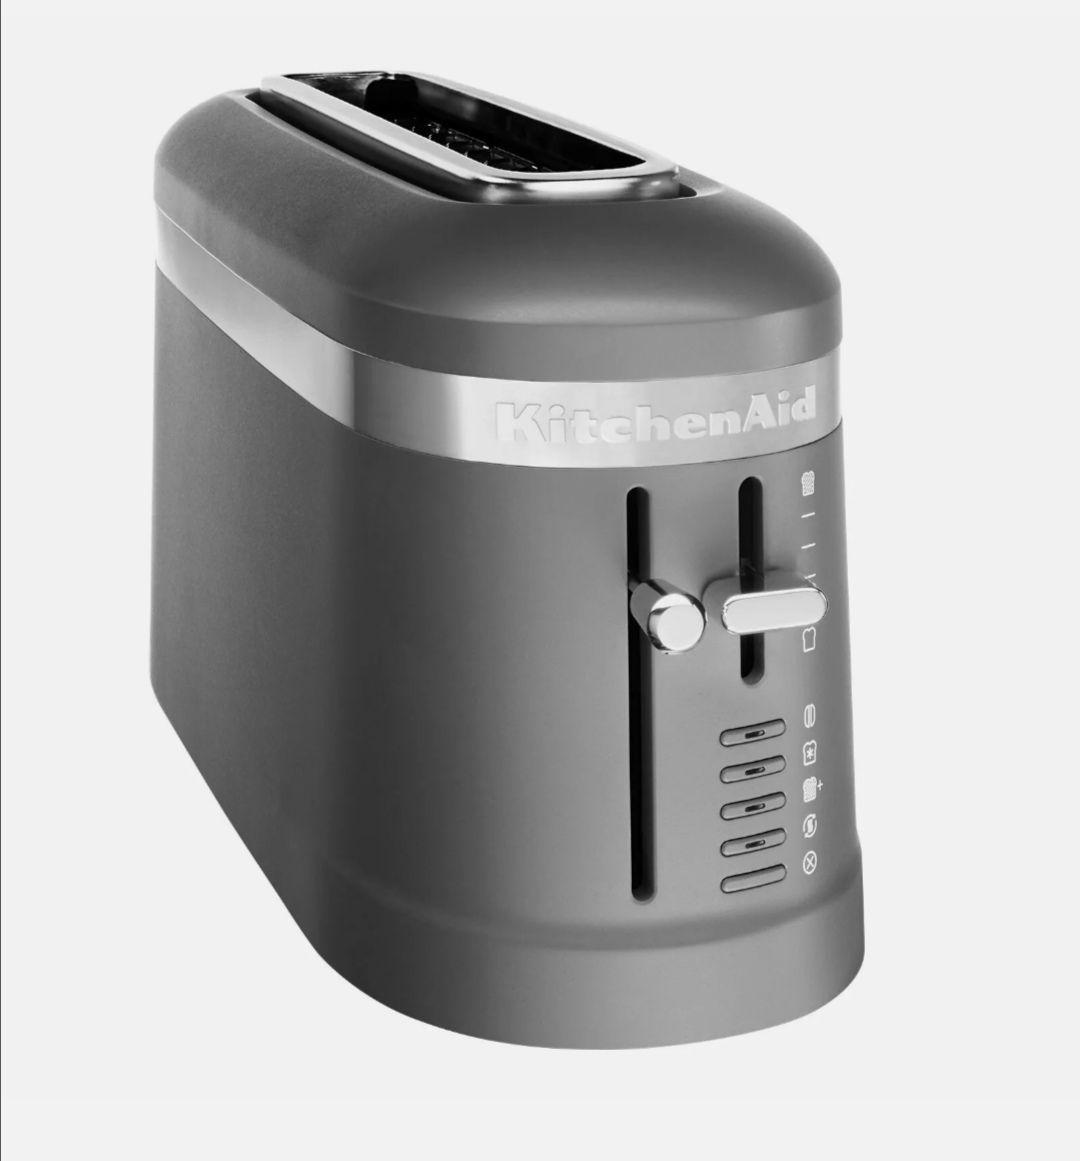 Kitchenaid Toaster 5KMT3115E Langschlitz Grau (B-Ware) für 59,90€. (53,91€ mit Cashback)